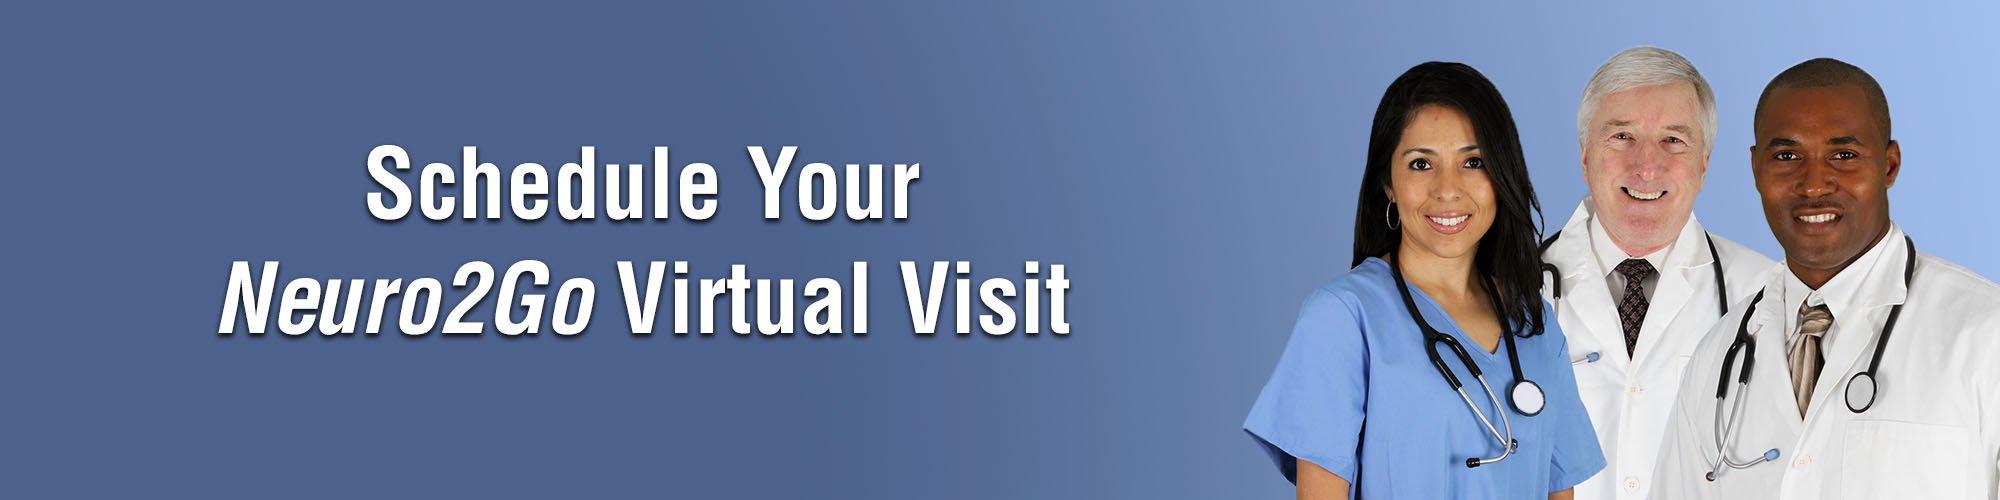 Neuro2Go virtual visit